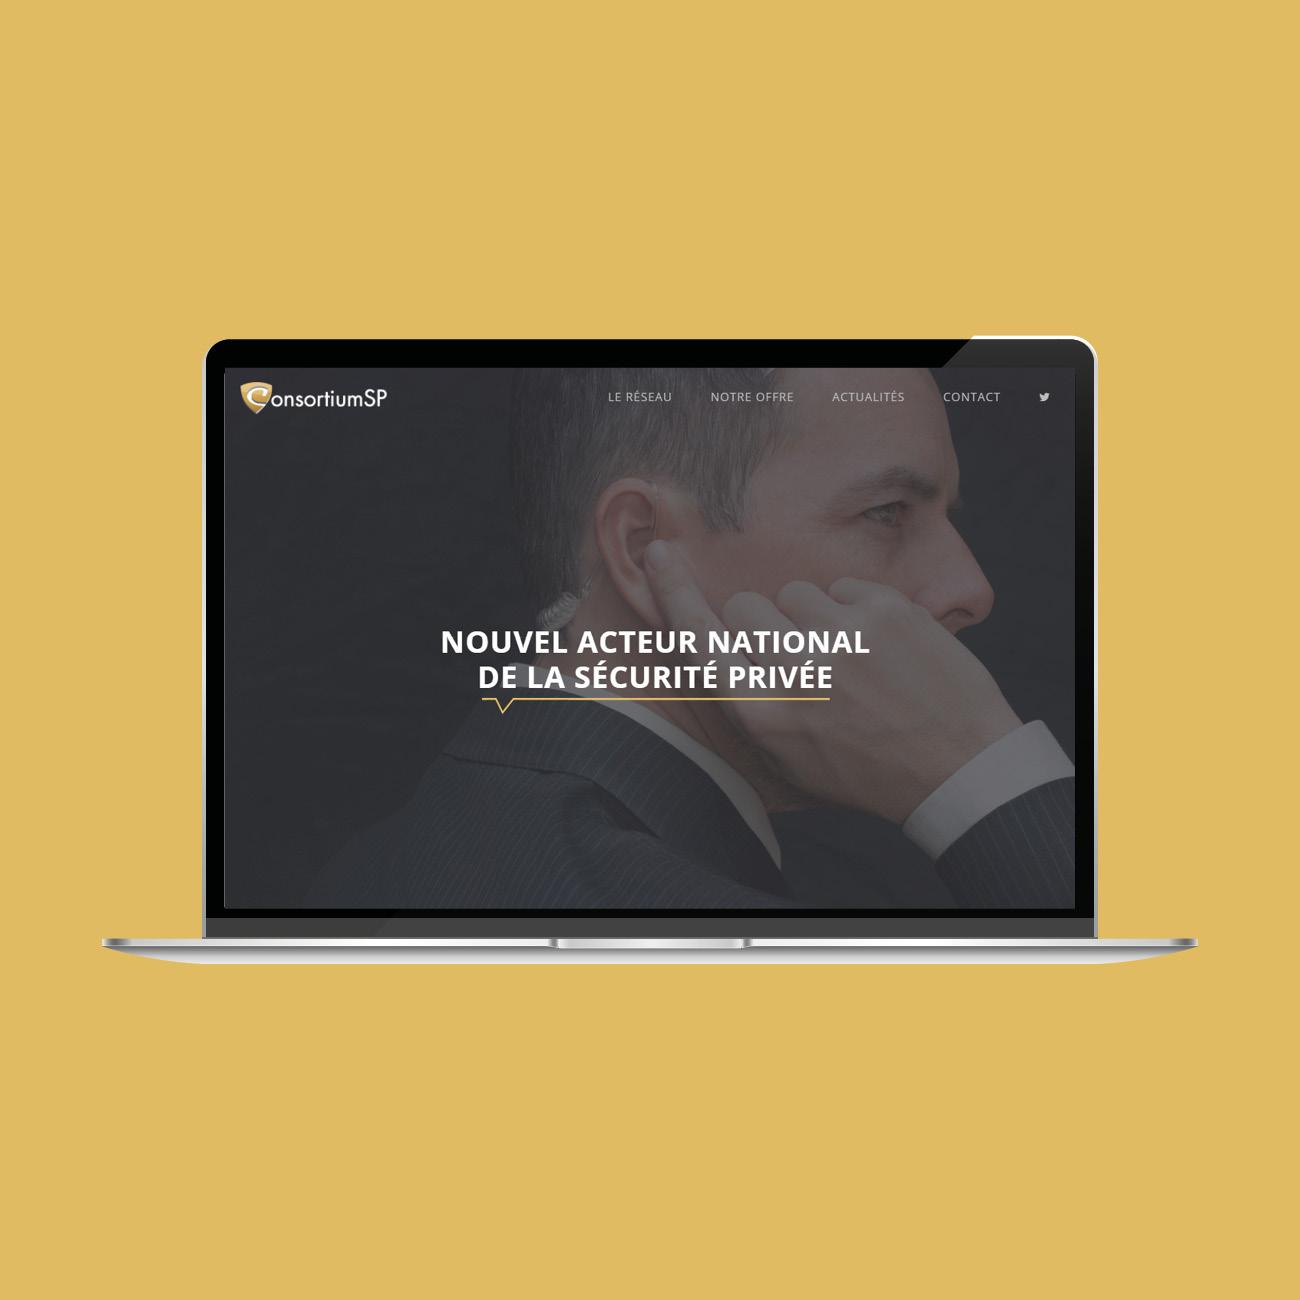 Miko Digital Agence web à Liège - Création site web Consortium